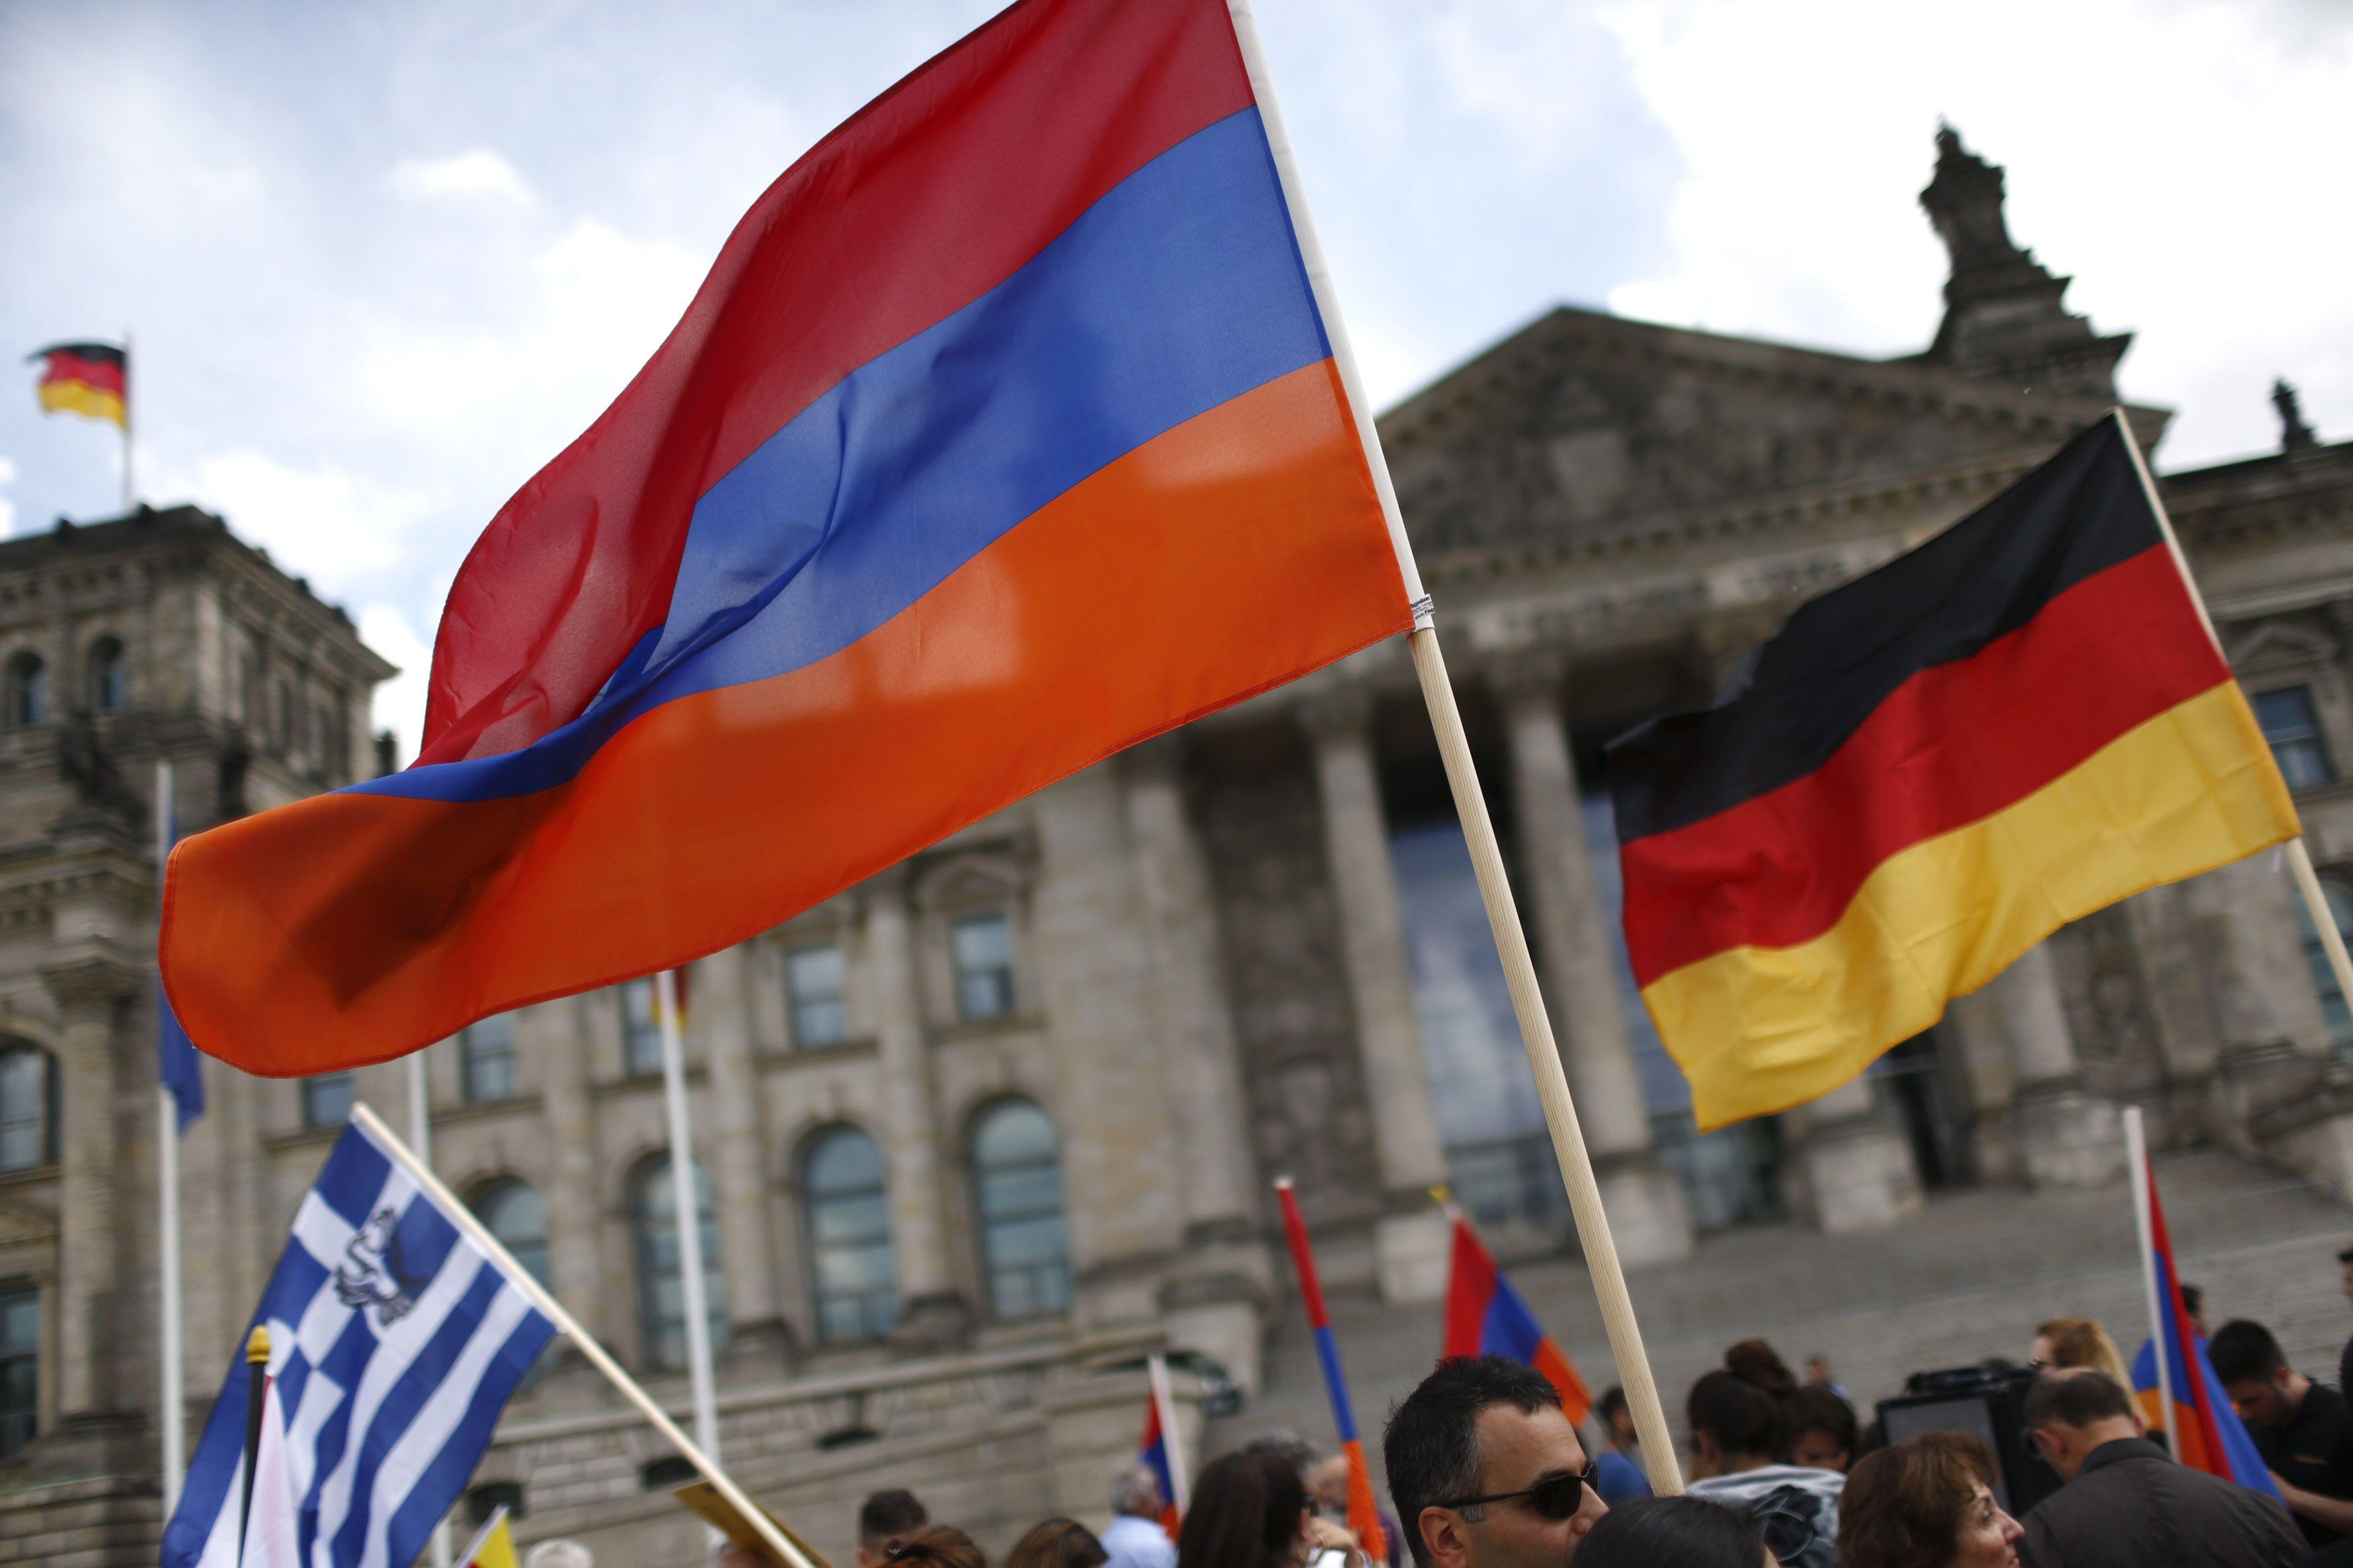 Армянские и немецкие флаги у здания Рейхстага в Берлине